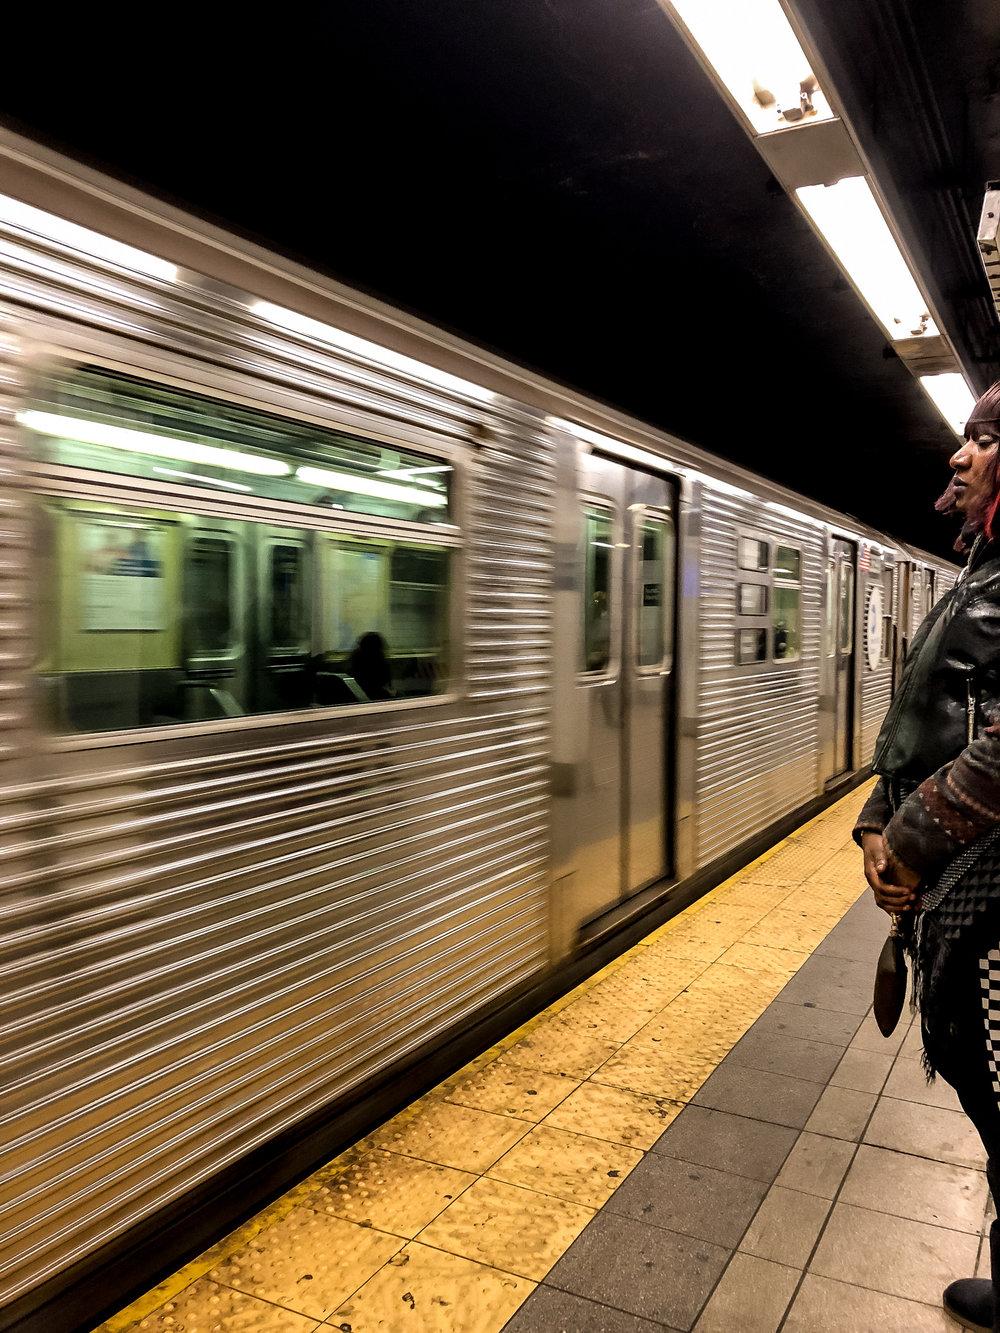 SubwayHalloween-29.jpg